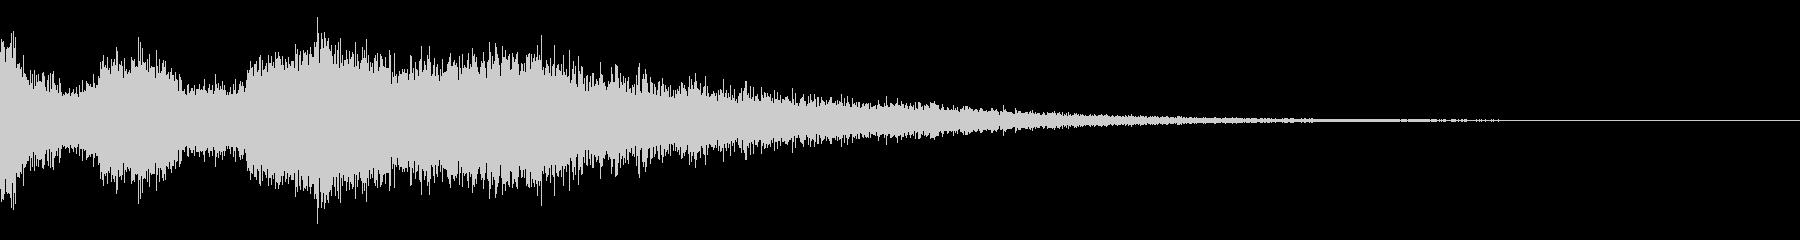 【ダーク】 テレパシーの未再生の波形